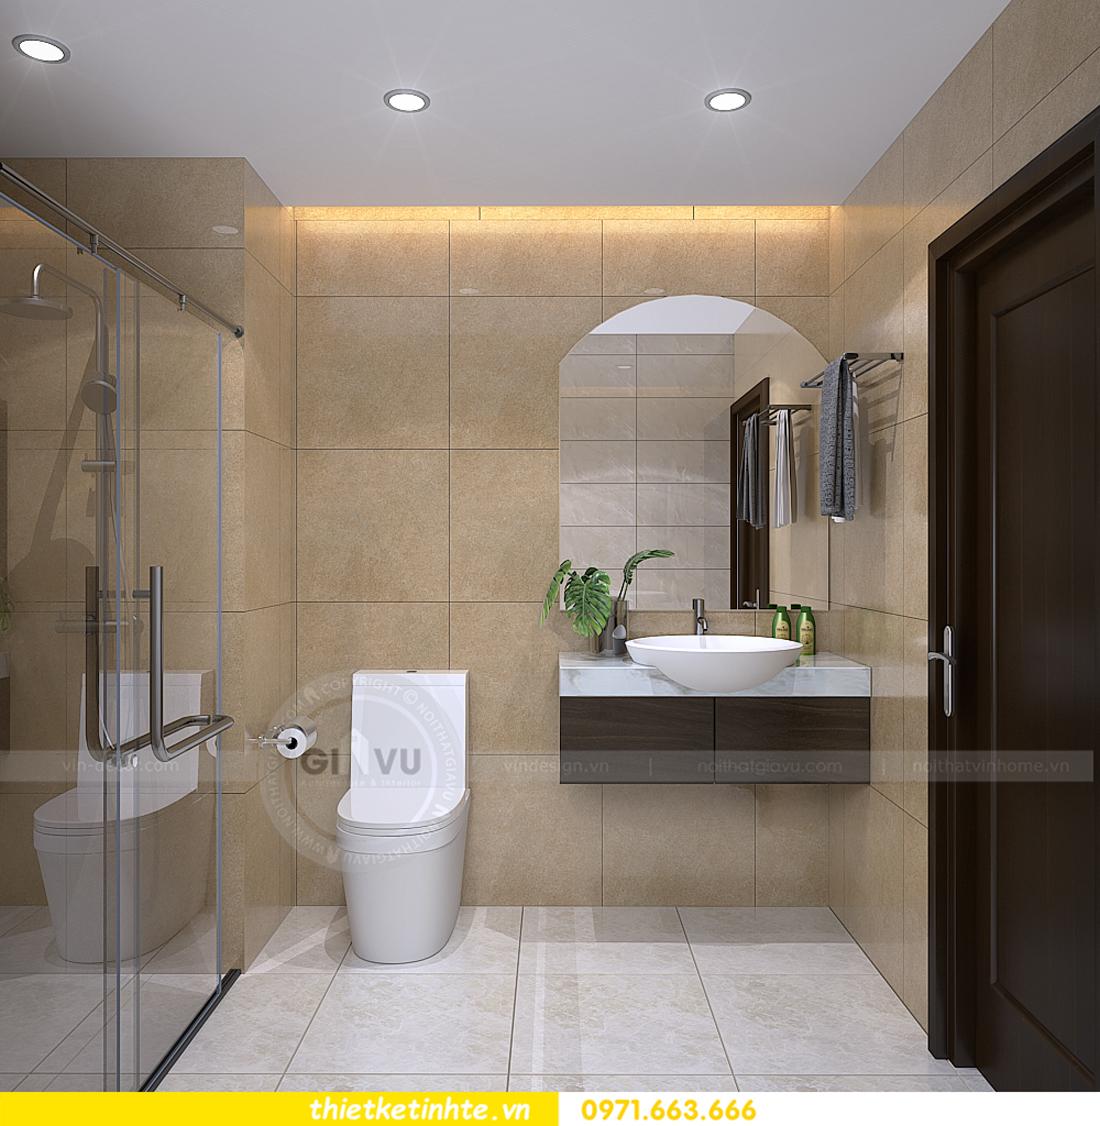 thiết kế nội thất chung cư Vinhomes Sky Lake Phạm Hùng 09